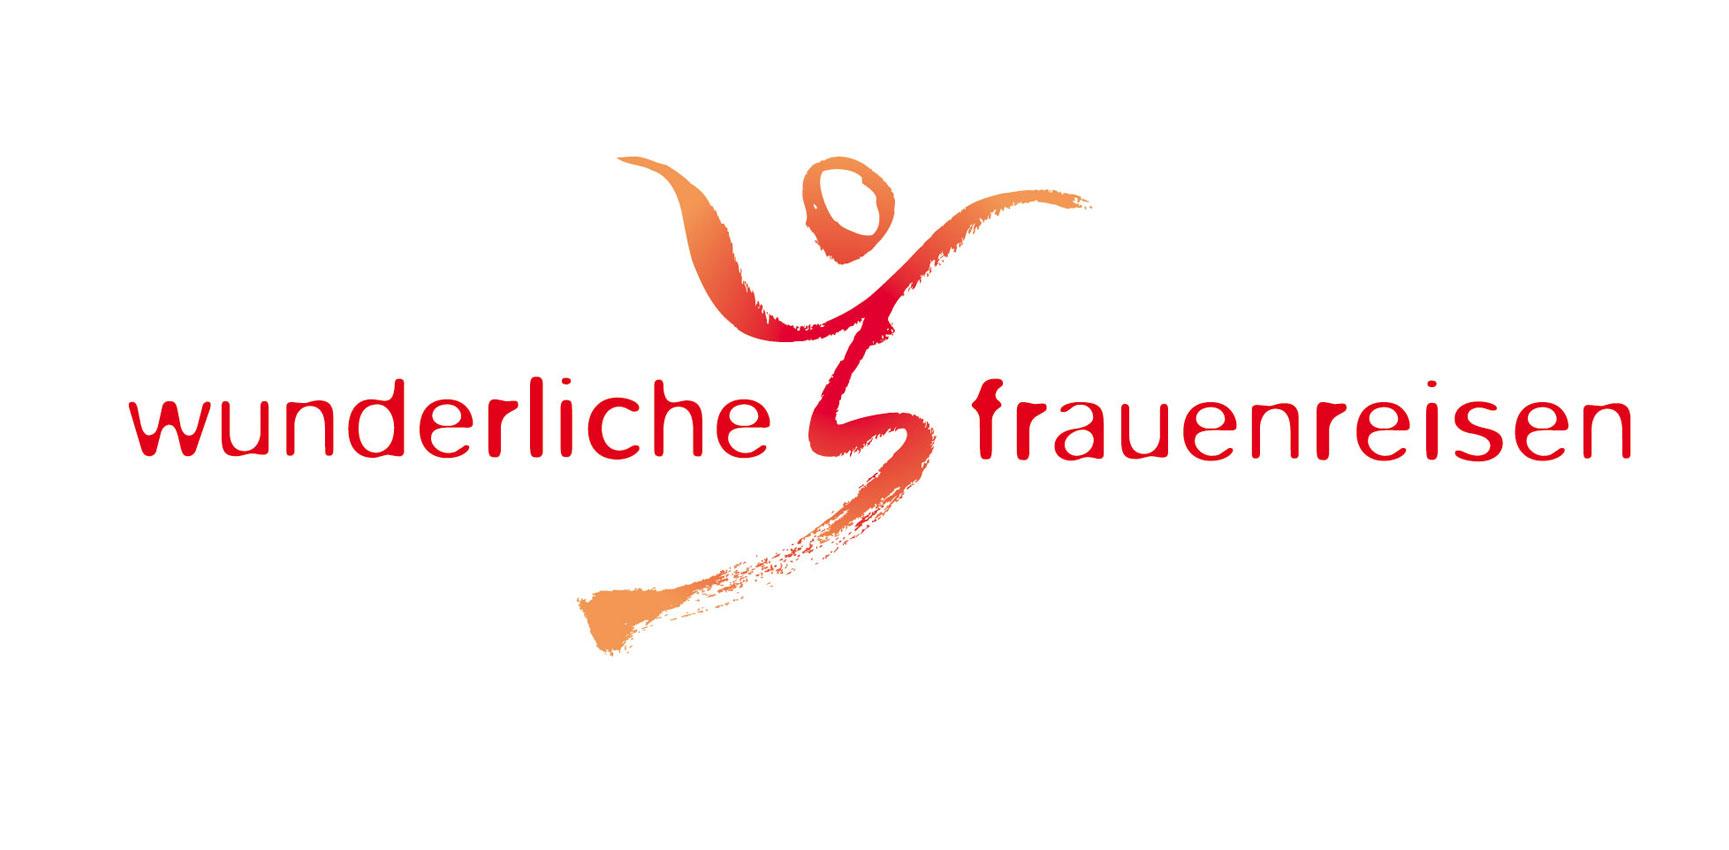 """""""Wunderliche Frauenreisen"""", Kultur-, Kunst-, Städte- und Wanderreisen sowie Tagestouren in Mecklenburg-Vorpommern"""